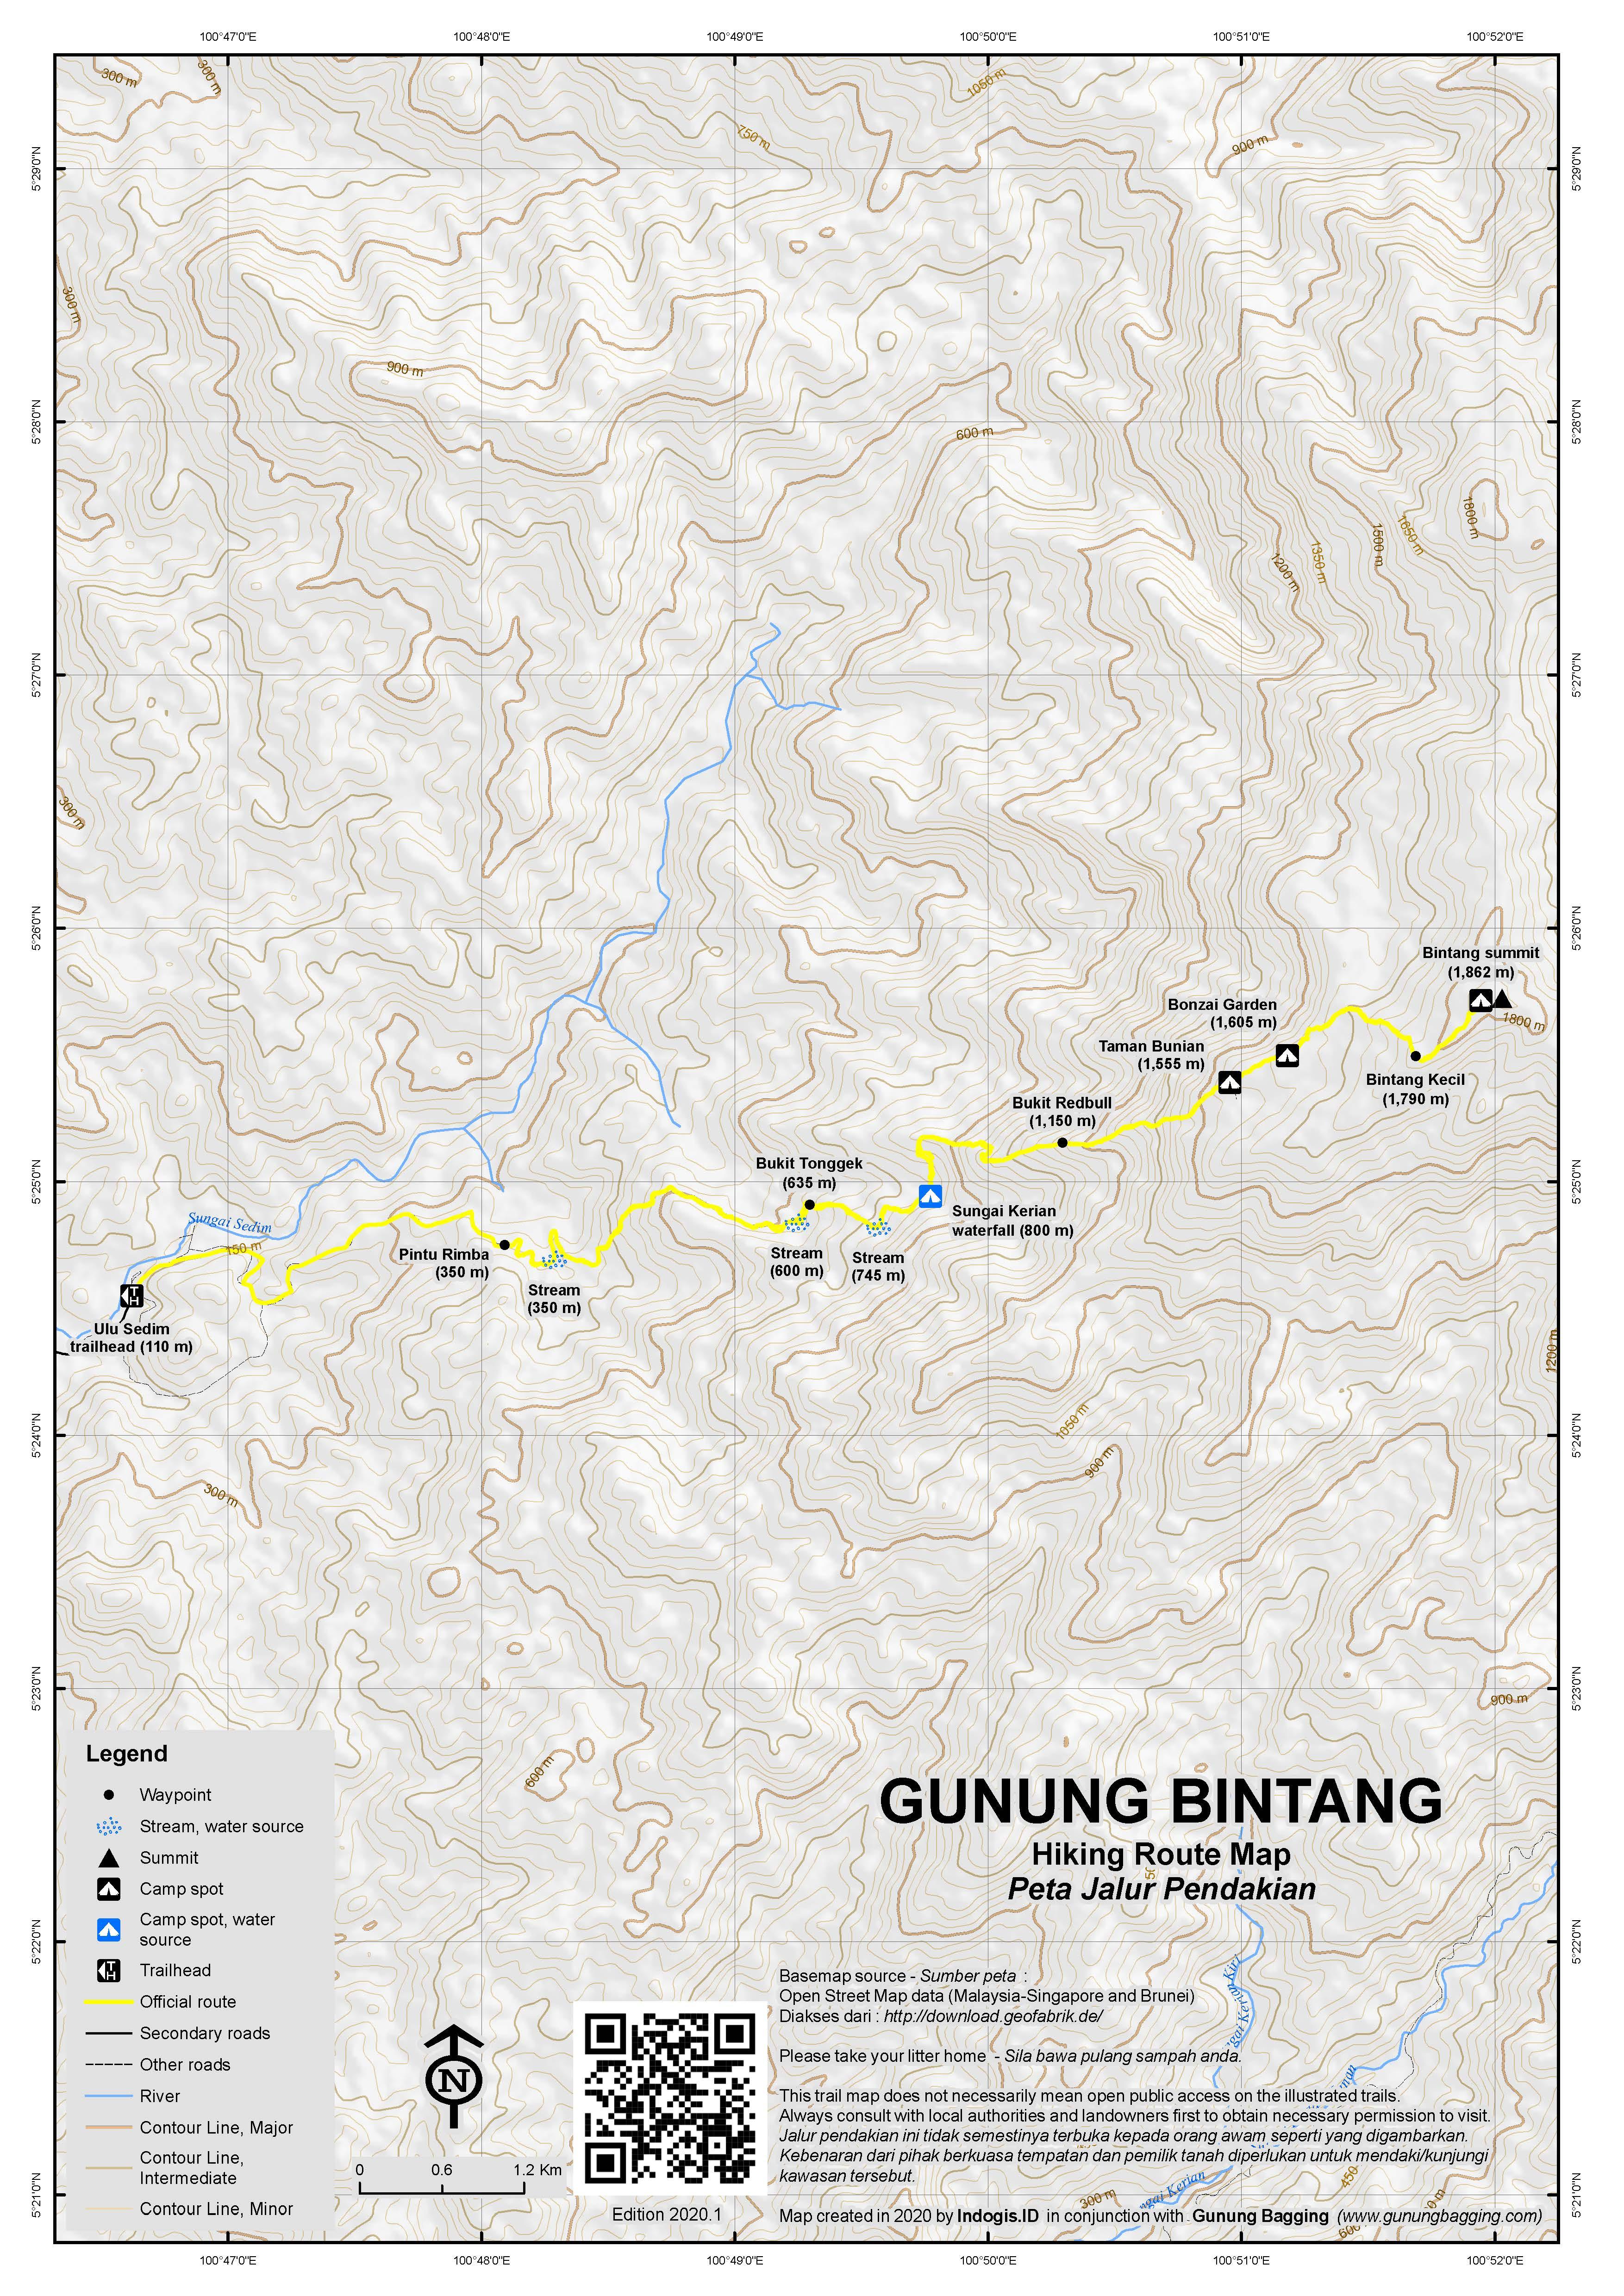 Peta Jalur Pendakian Gunung Bintang